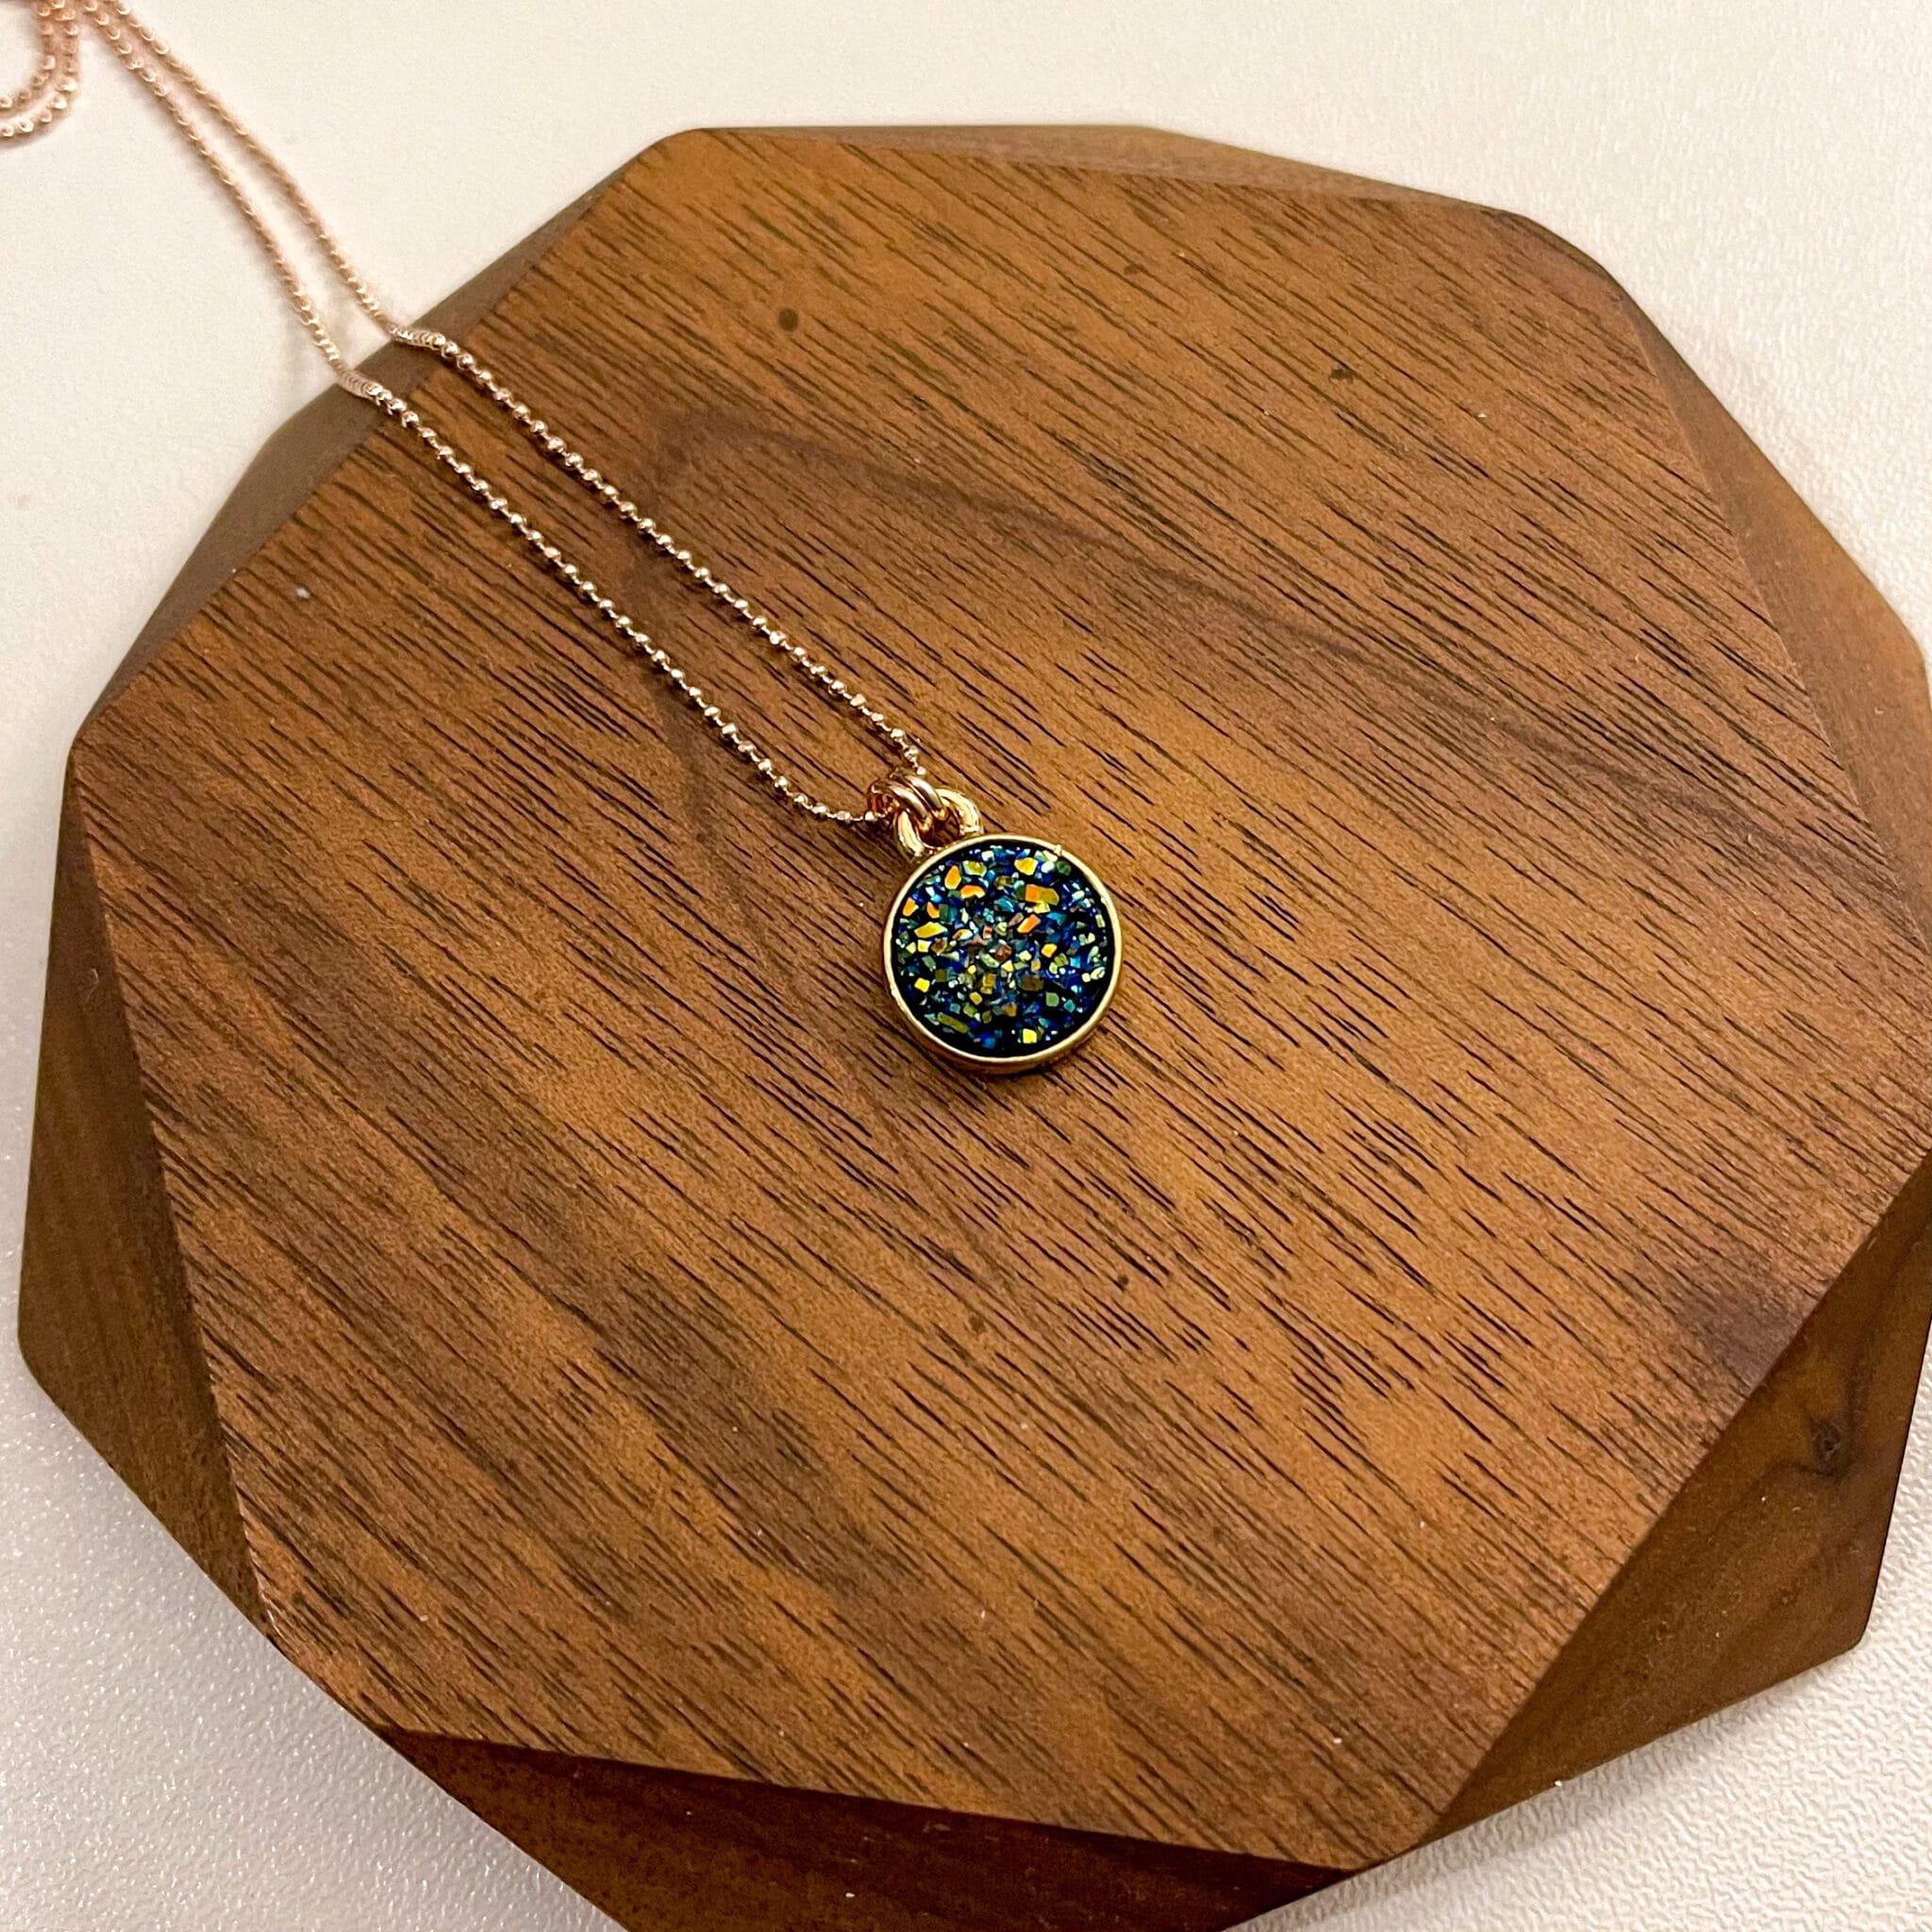 Blue Titanium Druzy Agate Necklace By Hidden Petals